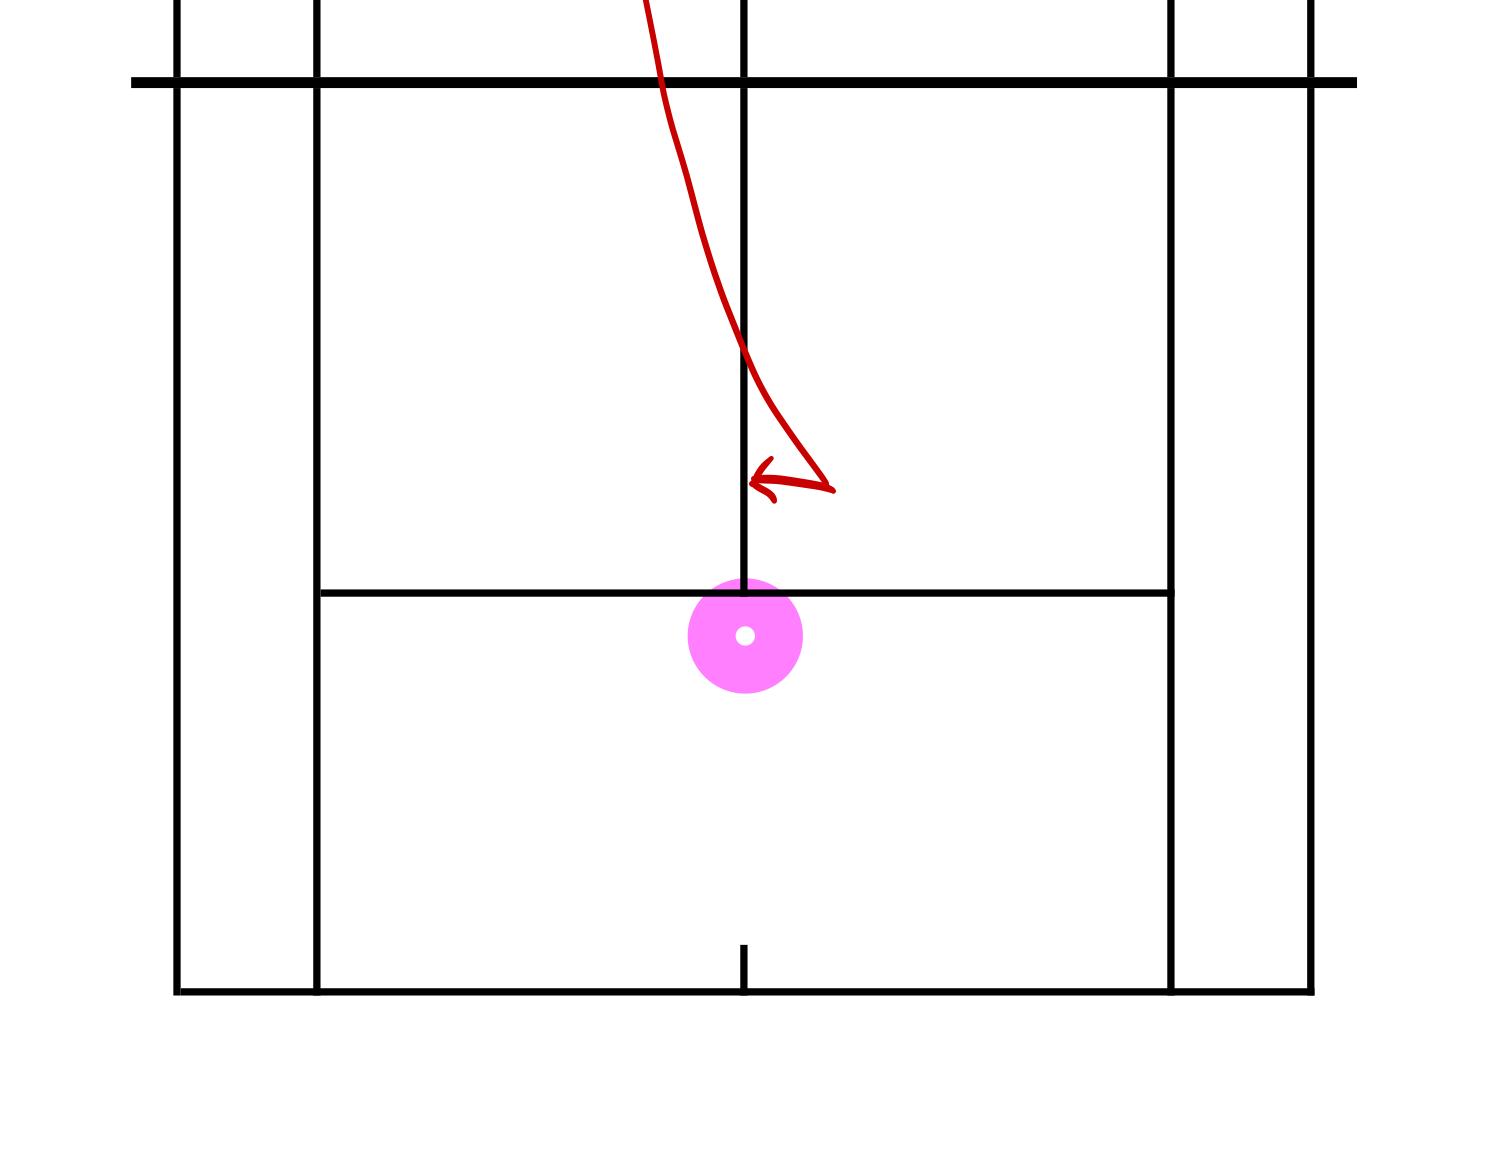 下からのファーストサーブ(右利き)に対する構える位置